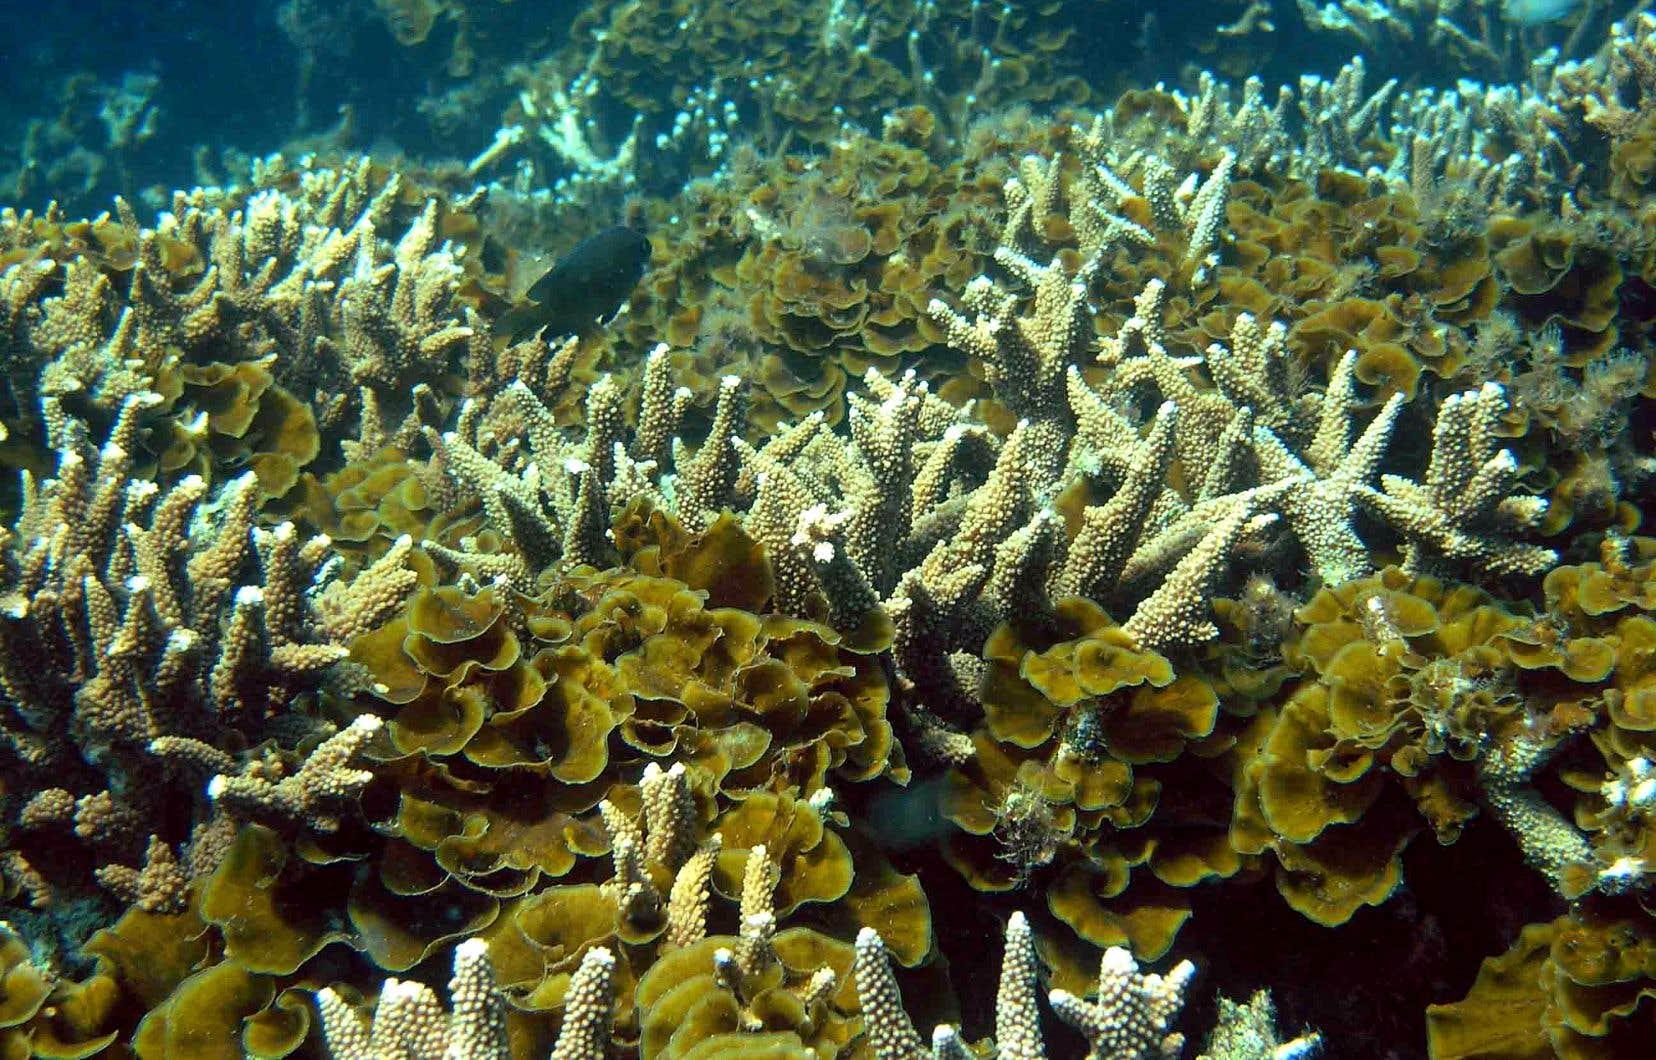 Le projet a notamment été contesté au cours des dernières années en raison des risques pour la Grande Barrière de corail, notamment lors des travaux d'expansion portuaire.